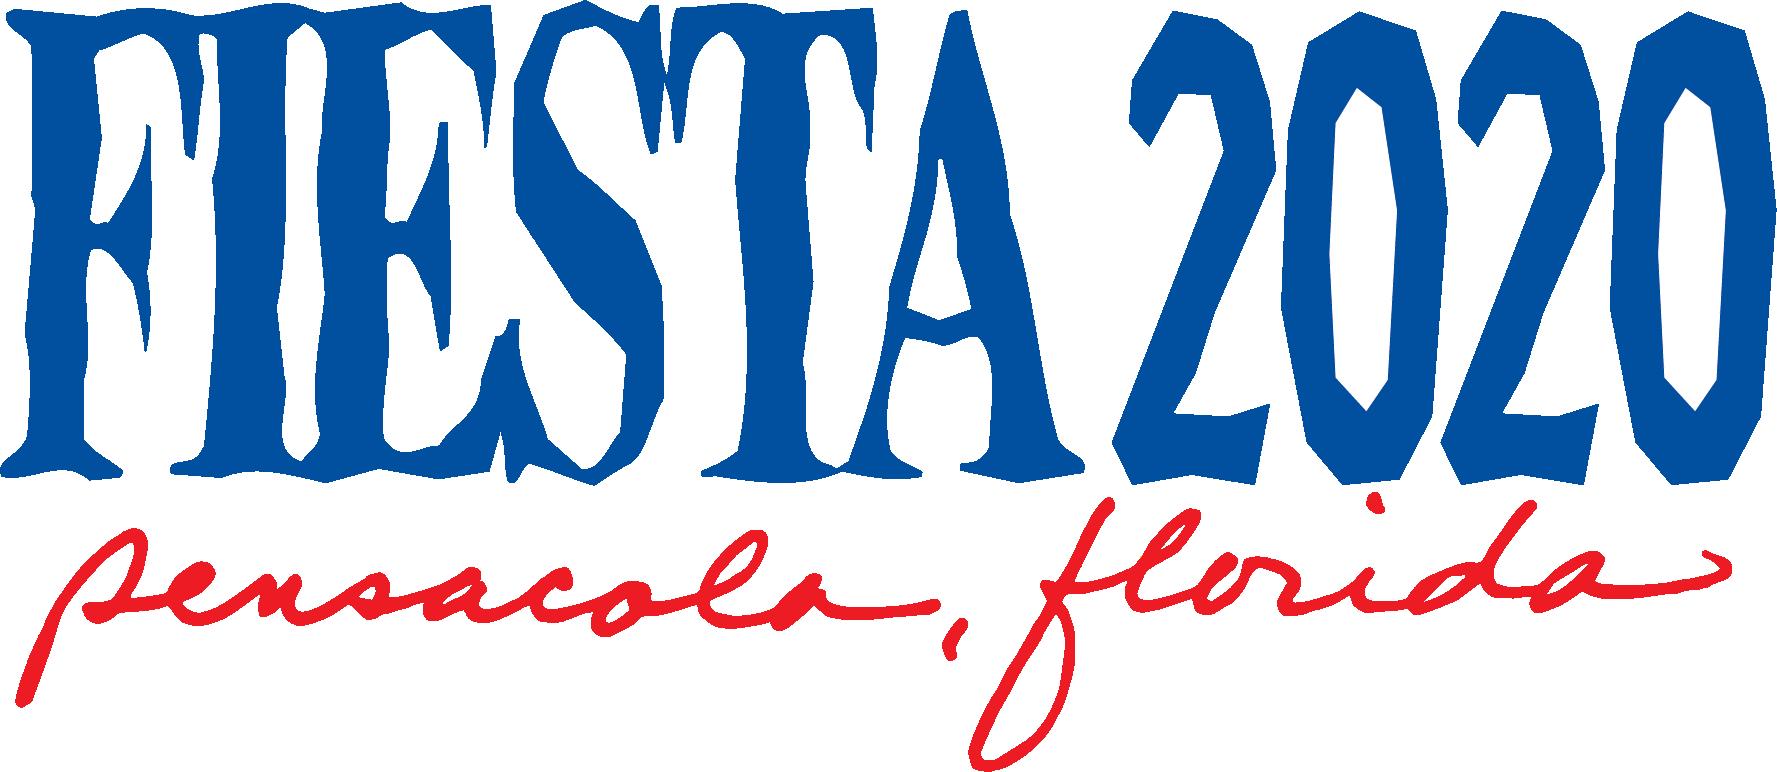 2020 FIESTA Pensacola Logo.png